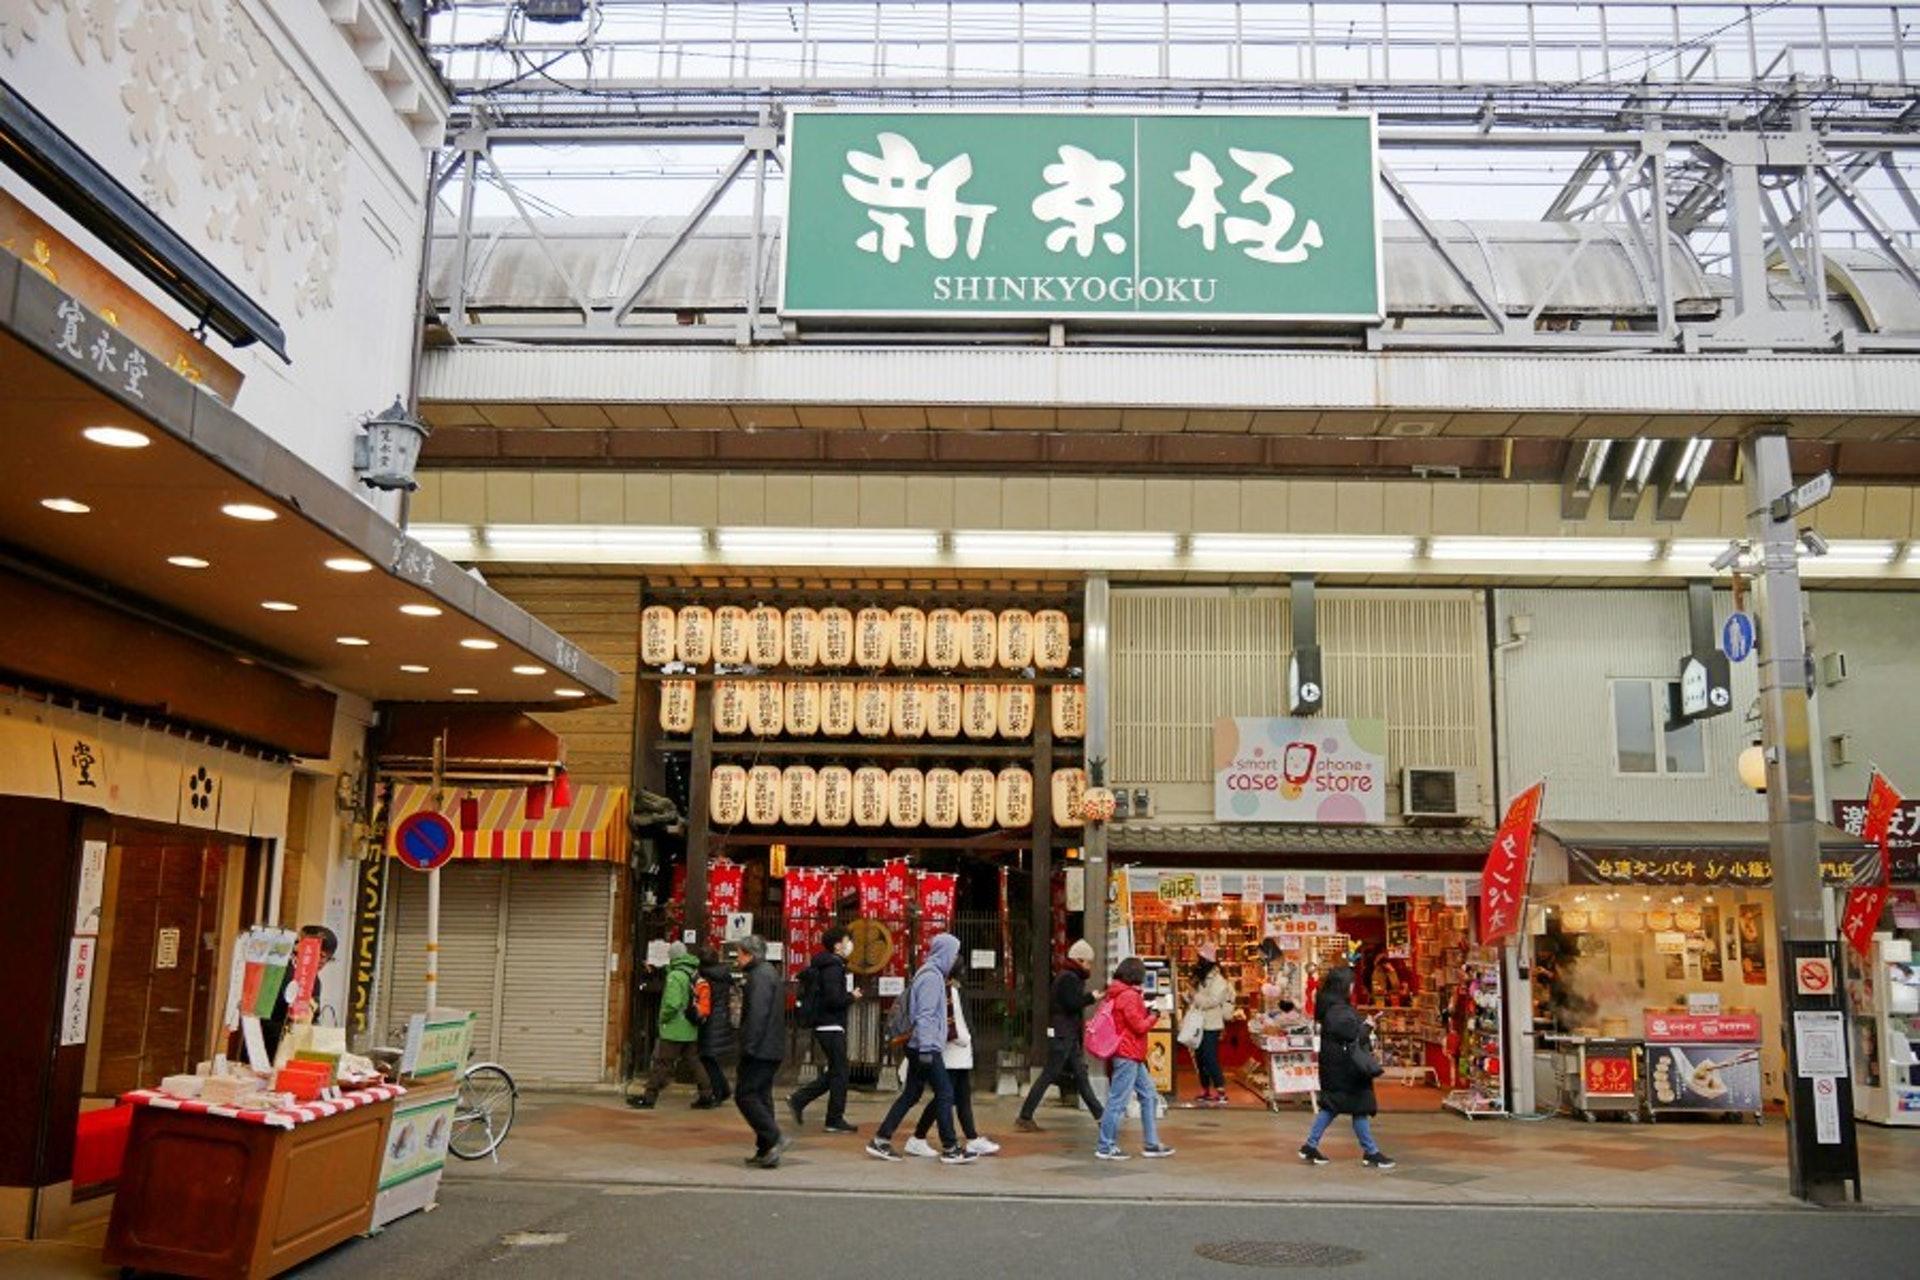 新京極通是日本第二古老的商業街,這裡什麼都可以買得到,美食、藥妝、服飾、用品、百元商店通通都有,而且價格十分親民,很適合買手信!(KKday)